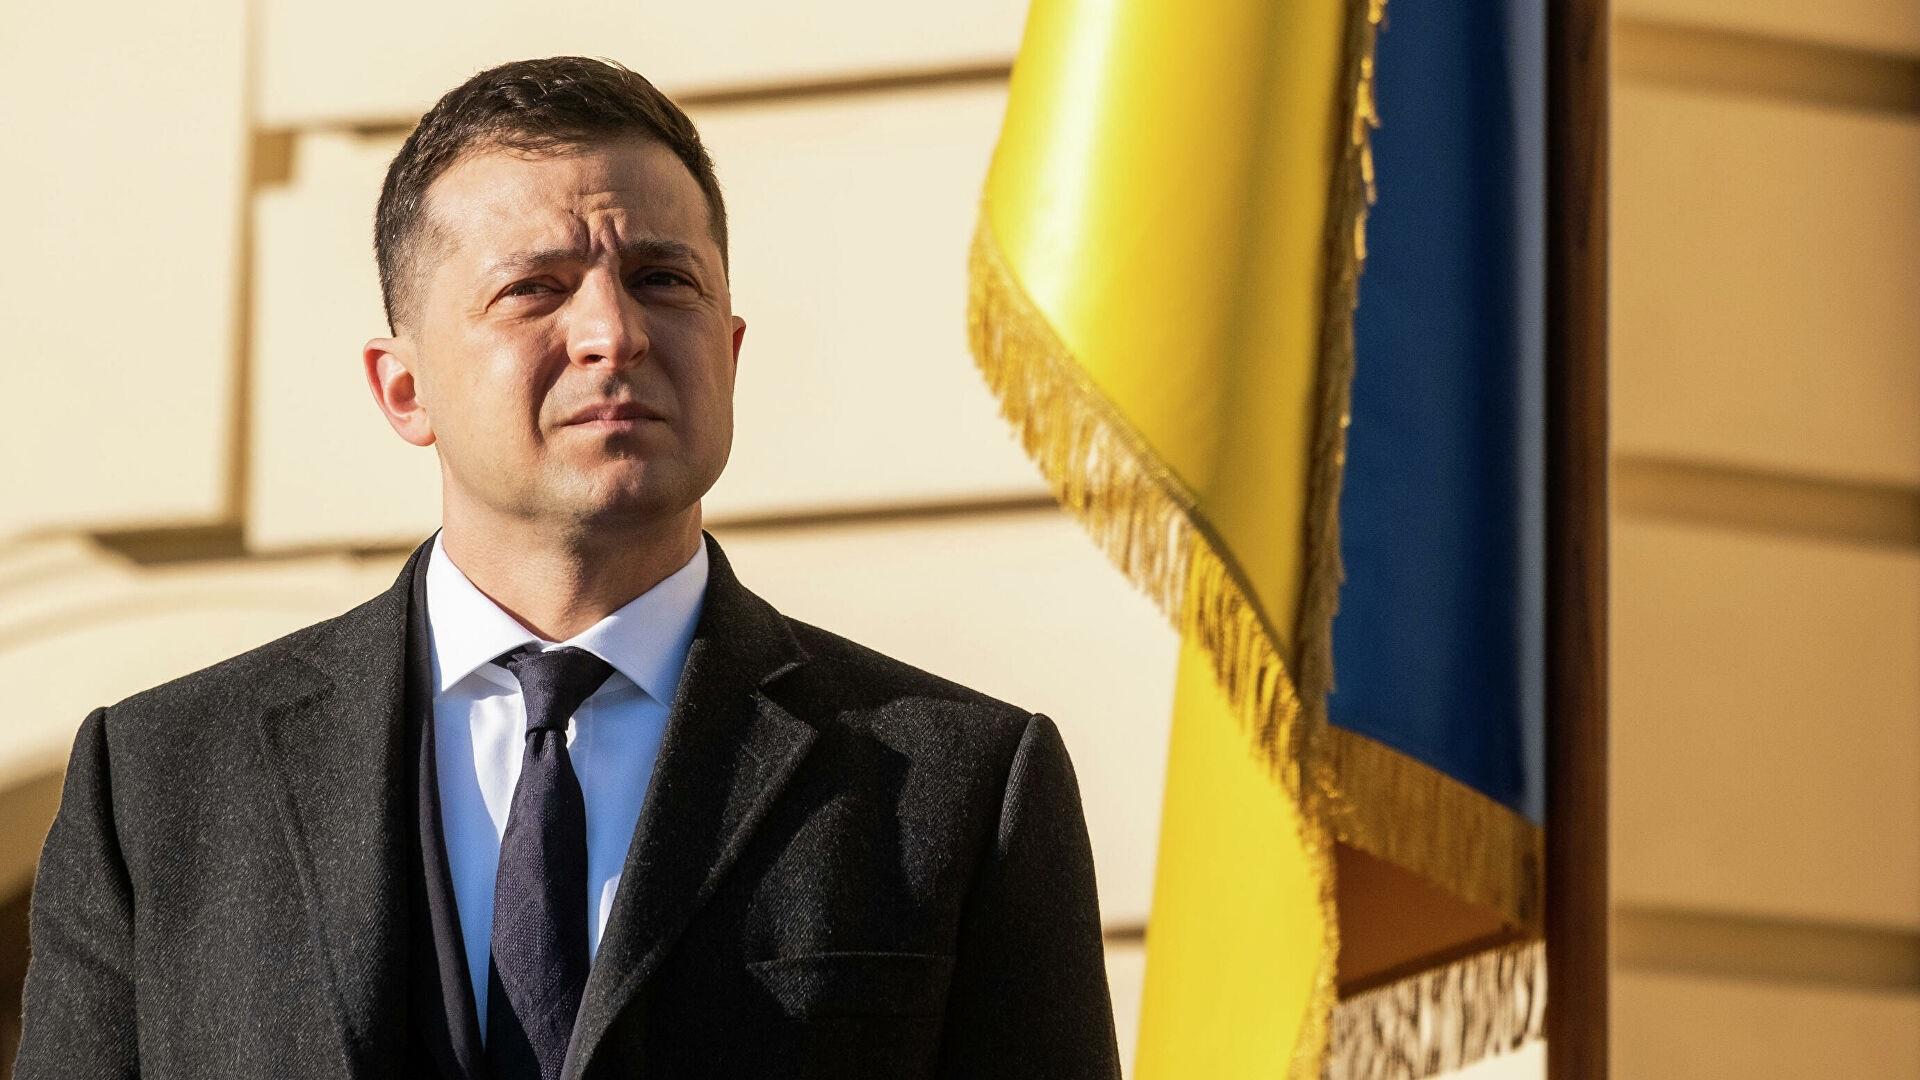 Зеленский: поднимающие вопросы религии - раскалывают Украину